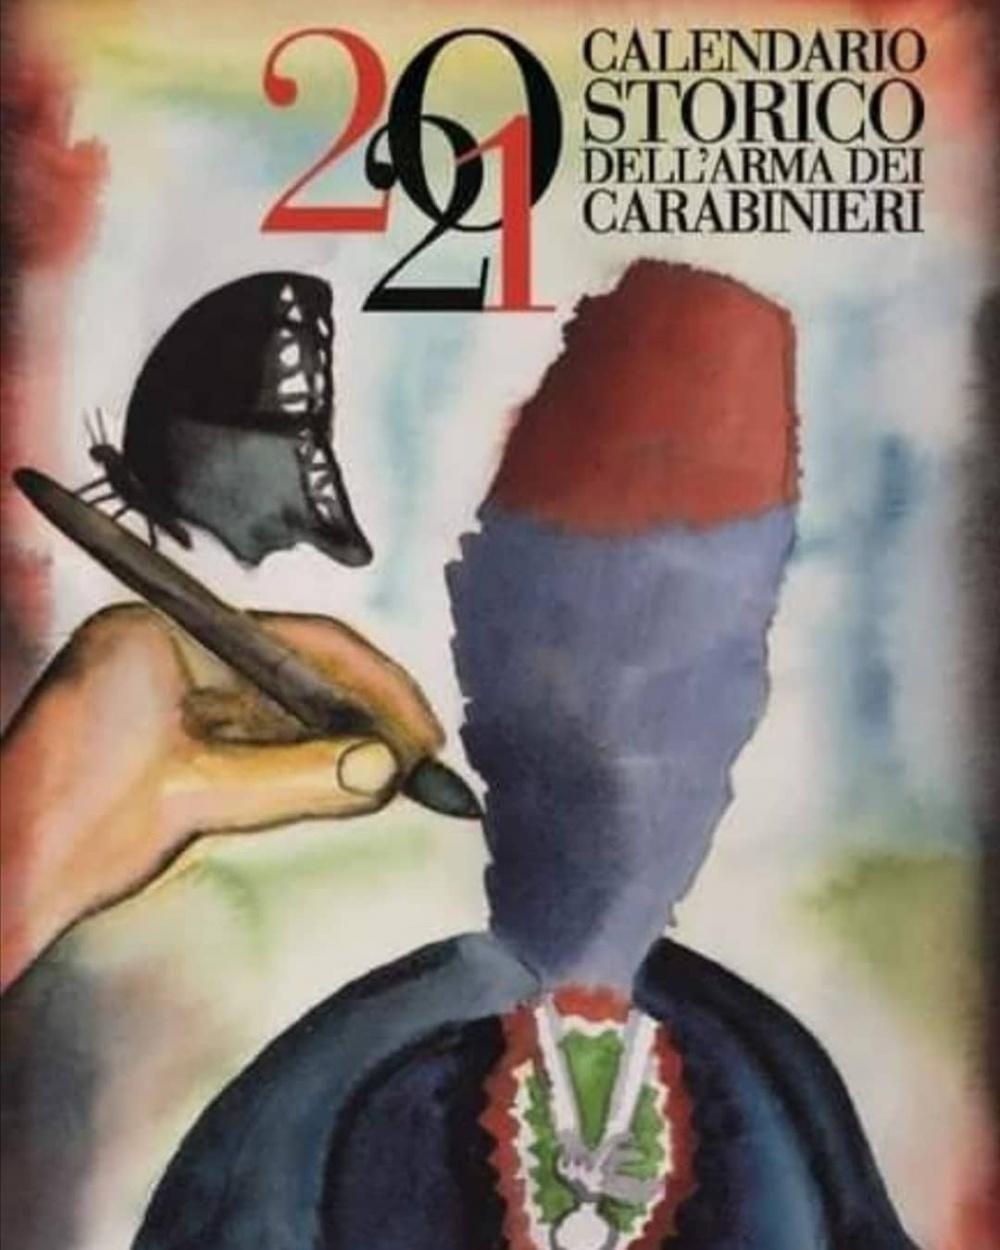 Calendario storico Carabinieri 2021